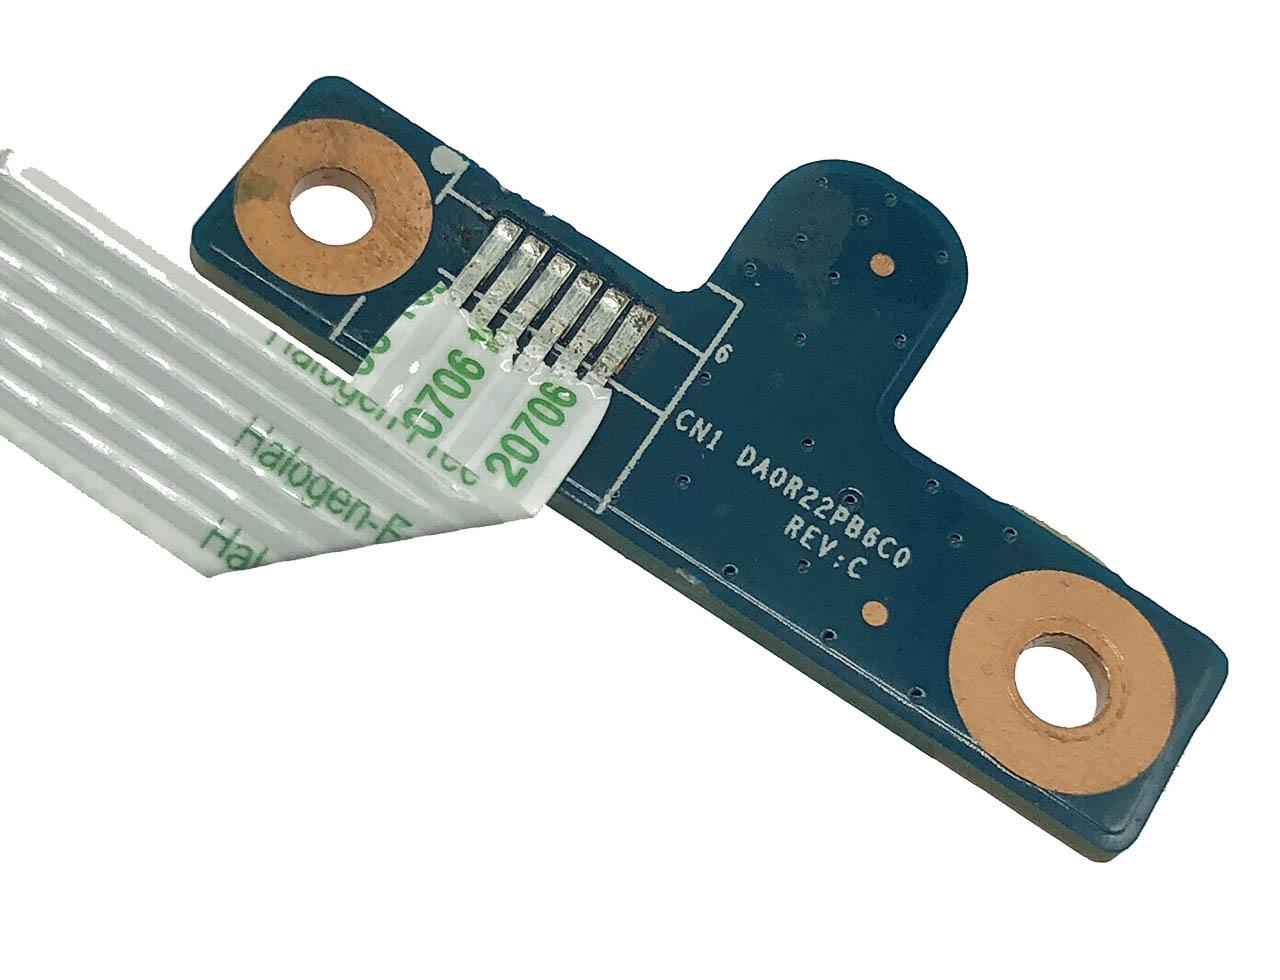 惠普HSTN-Q72C HSTNN-Q68C G4 G6 G7 G4-1000 G6-1000 G7-1000 G4-1125DX 电源开关小板DA0R22PB6C0